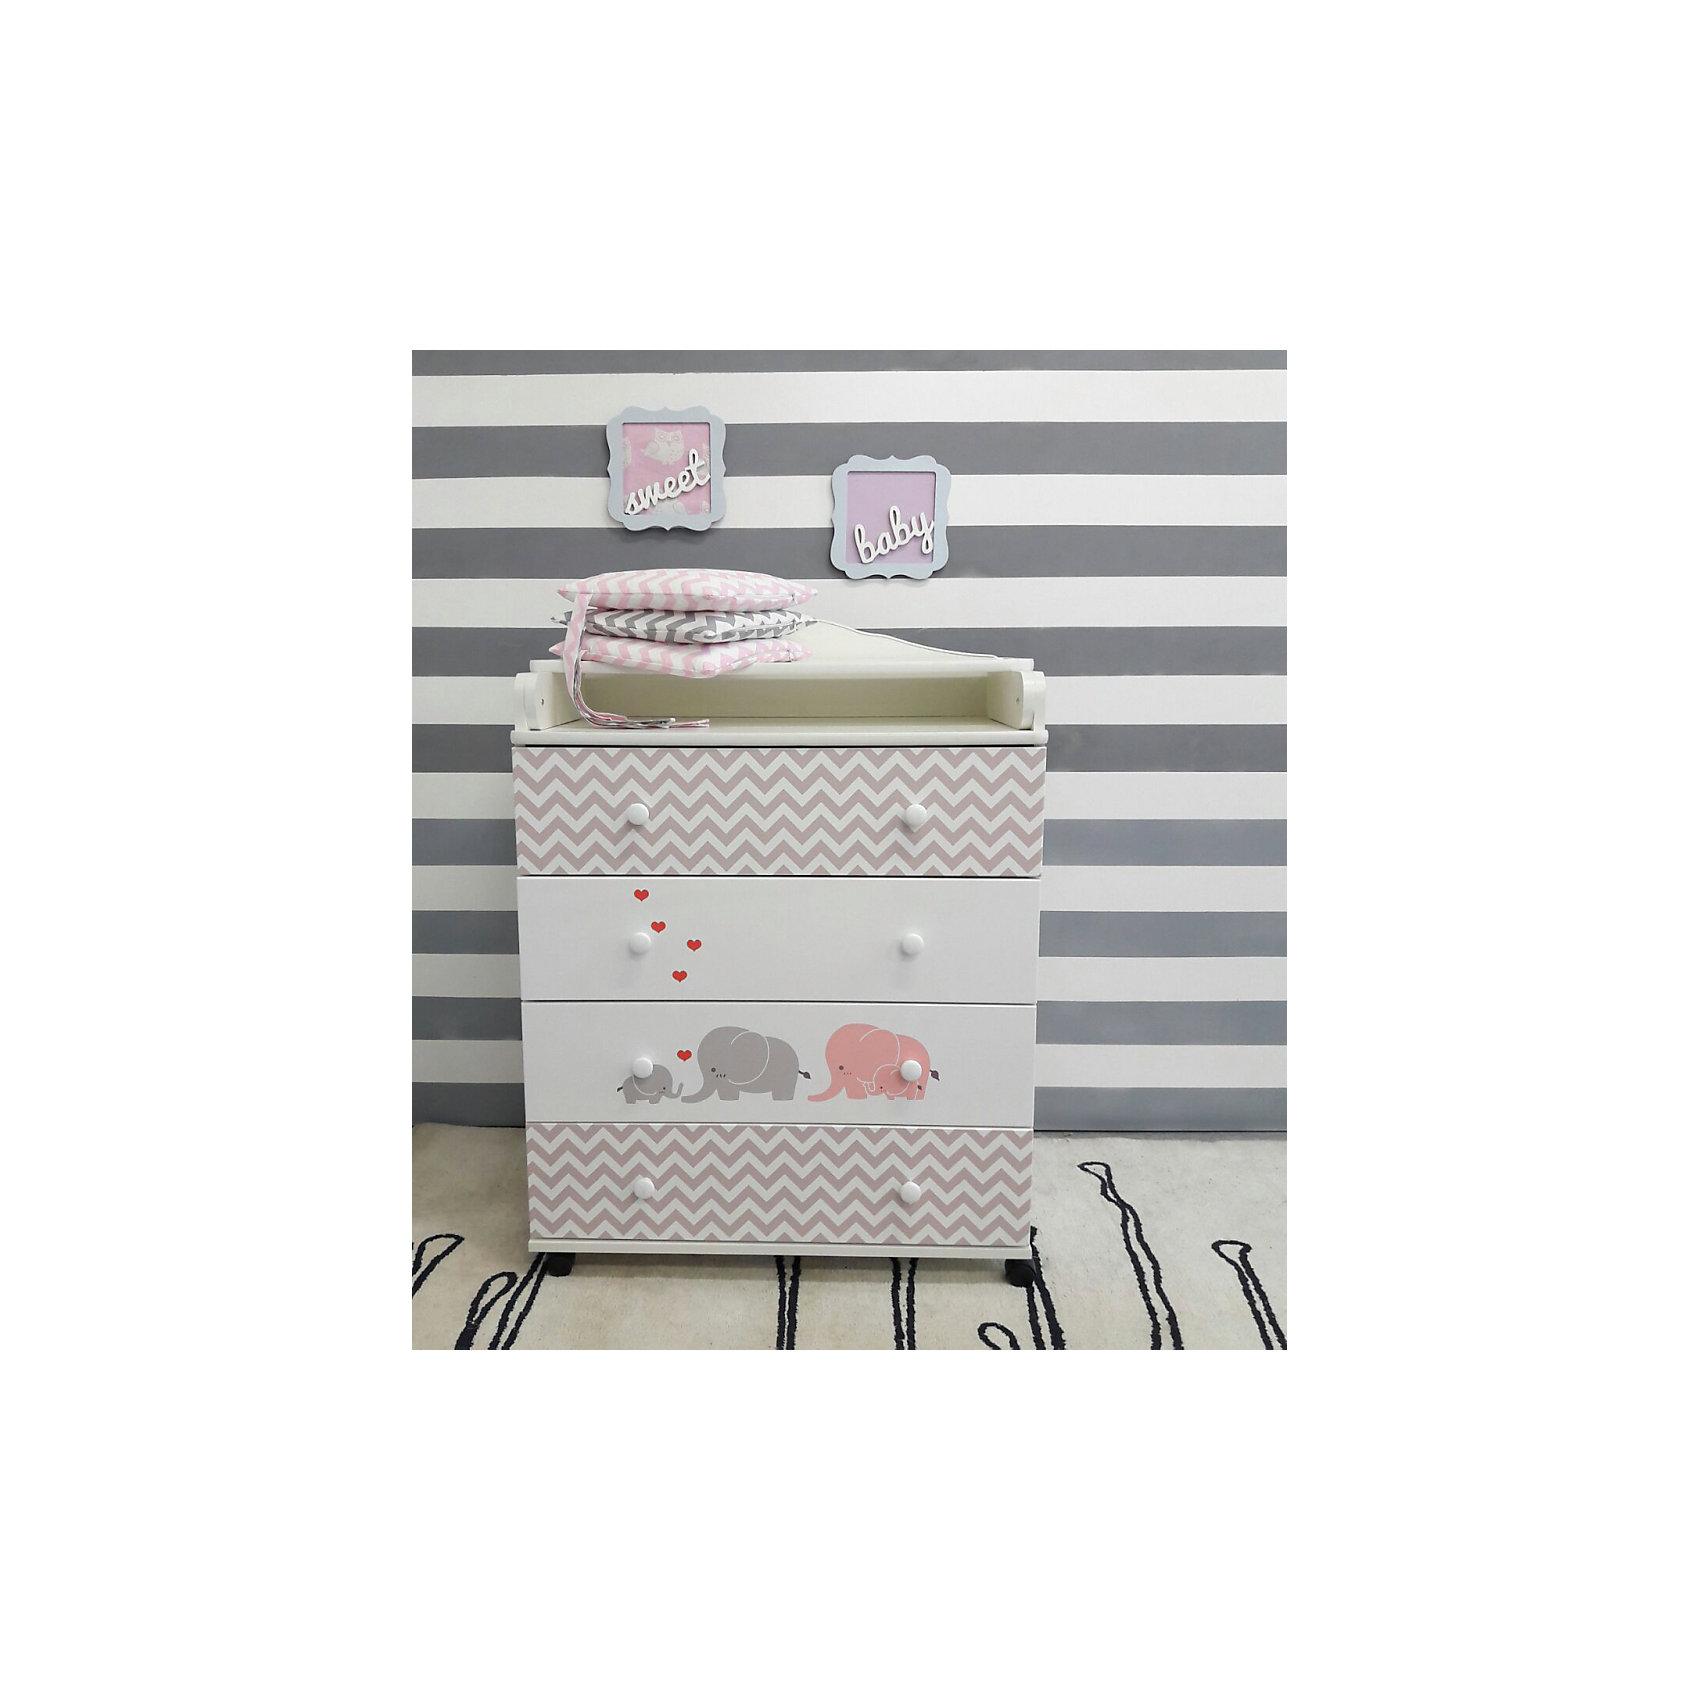 Пеленальный комод Мэри, by Twinz, серый/розовыйХарактеристики:<br><br>• Вид детской мебели: комод <br>• Возраст: от 0 месяцев<br>• Пол: для мальчика<br>• Тематика рисунка: слоники<br>• Цвет: розовый, серый, белый <br>• Материал: ЛДСП<br>• Размеры пеленального столика (Д*Ш): 70*72 см<br>• Четыре ящика<br>• Откидной пеленальный столик<br>• Закругленные кромки из ПВХ<br>• Четыре колесика на днище<br>• Декорирован фотопечатью <br>• Размеры (Д*Ш*В): 93,5*18*48,5 см<br>• Вес: 40 кг <br>• Особенности ухода: допускается сухая и влажная чистка<br><br>Пеленальный комод Мэри by Twinz, серый/розовый изготовлен отечественным торговым брендом, выпускающим текстиль и мебель из натуральных материалов для новорожденных и детей. <br><br>Технология производства детской мебели и материалы, используемые при ее изготовлении, отвечают международным и отечественным требованиям безопасности. Для изготовления корпуса комода был использована ЛДСП, для ящиков – МДФ. Материалы обработаны нетоксичными и гипоаллергенными красками и лаком. У комода предусмотрено 4 ящика с выдвижным роликовым механизмом, что обеспечивает плавное и тихое движение. На верхней полке предусмотрен откидной пеленальный столик. <br><br>В целях безопасности и удобства пользования им по бокам предусмотрены бортики. У комода закругленные мягкие кромки и колесики на днище. Декорирован брендовой фотопечатью с изображением серо-розовых слонов, что придает мебели особую изысканность и оригинальность. <br><br>Пеленальный комод Мэри by Twinz, серый/розовый можно купить в нашем интернет-магазине.<br><br>Ширина мм: 935<br>Глубина мм: 485<br>Высота мм: 180<br>Вес г: 40000<br>Возраст от месяцев: 0<br>Возраст до месяцев: 36<br>Пол: Женский<br>Возраст: Детский<br>SKU: 5491526